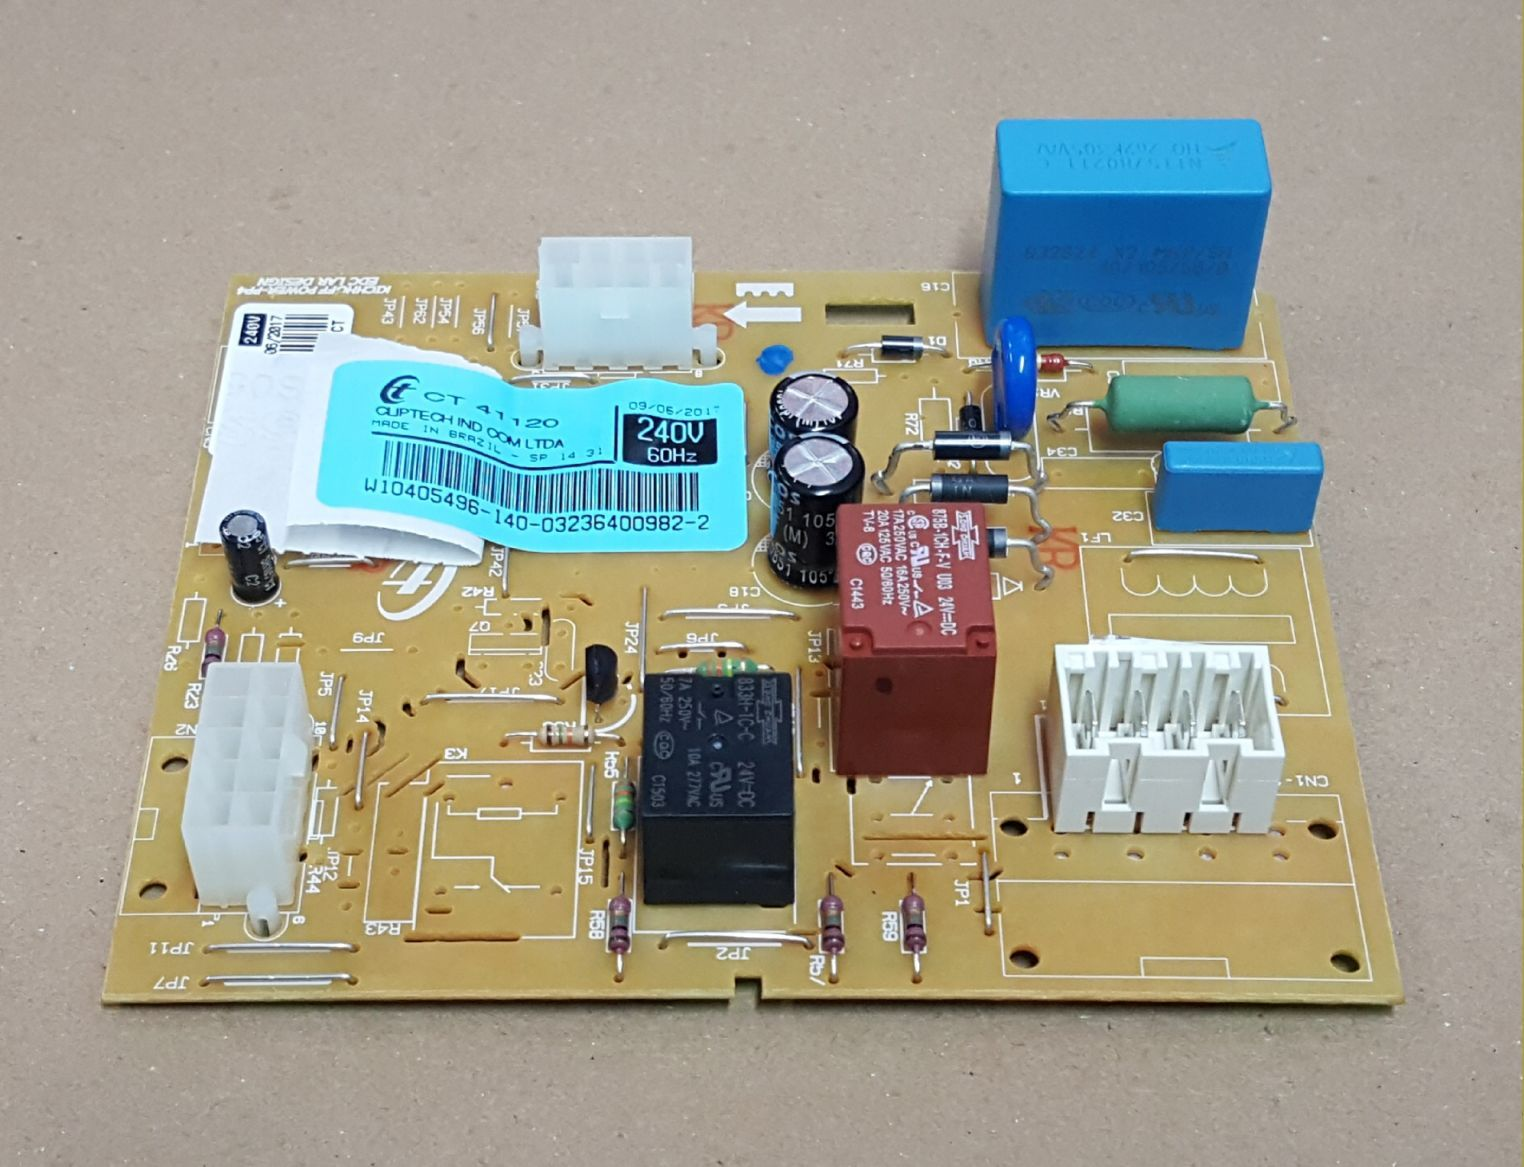 Controle Eletrônico Geladeira 220V CRM50AR / CRM50AB - CÓD: W10405496